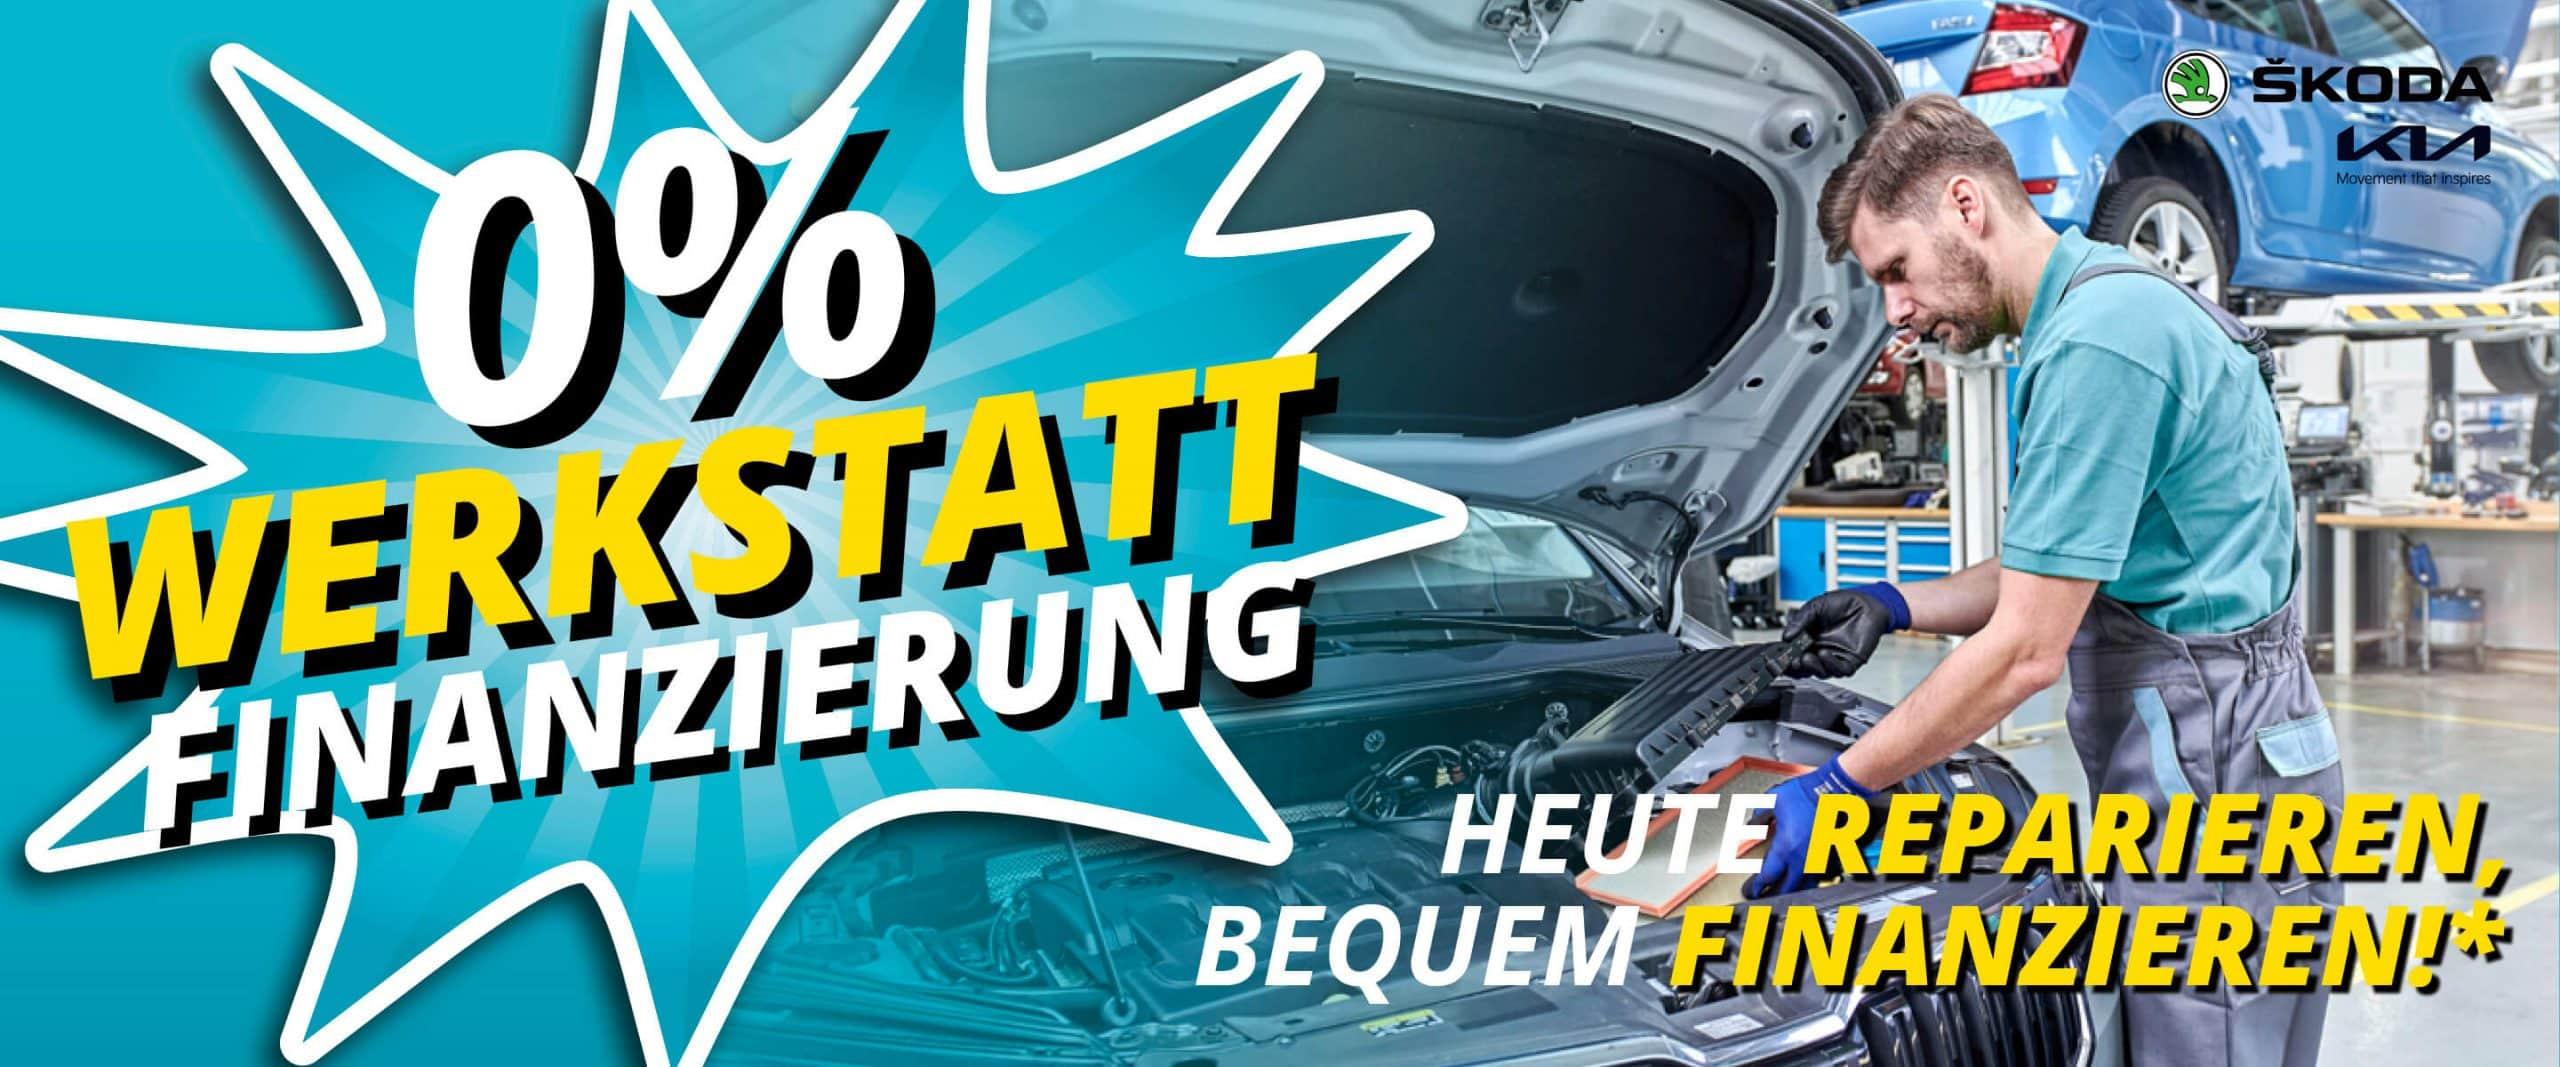 Autohaus Bauer Bruck an der Leitha - Werkstatt auf Raten zahlen, Werkstatt finanzieren - jetzt bei uns im Autohaus!